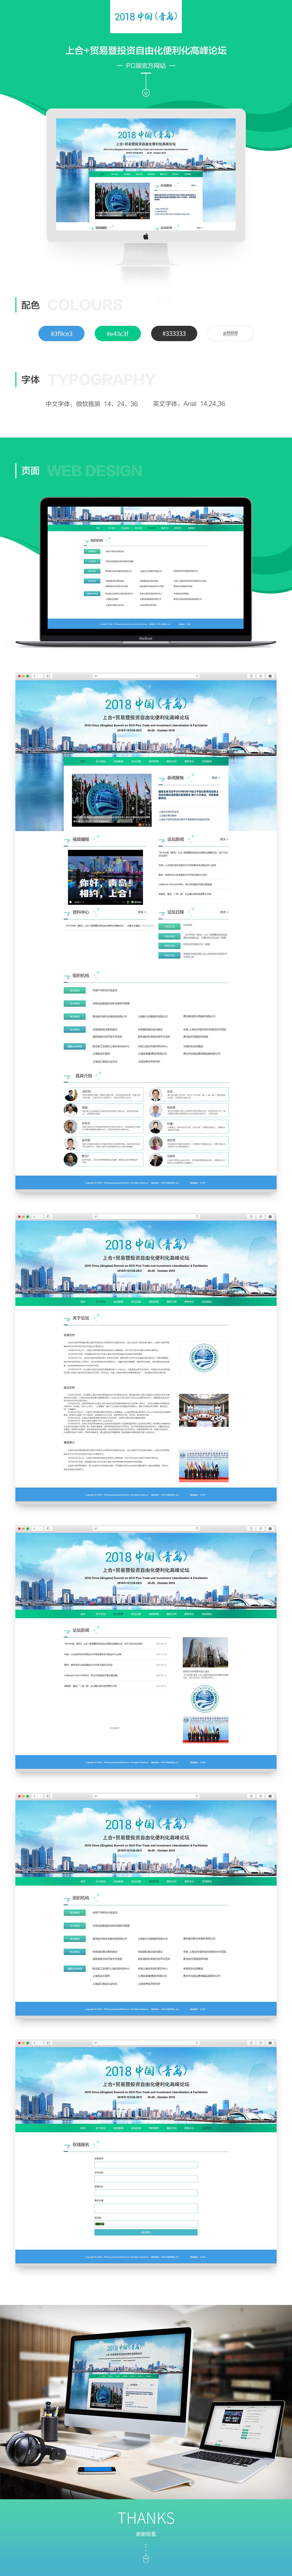 公司案例展示2018-412018 中國·青島上合+